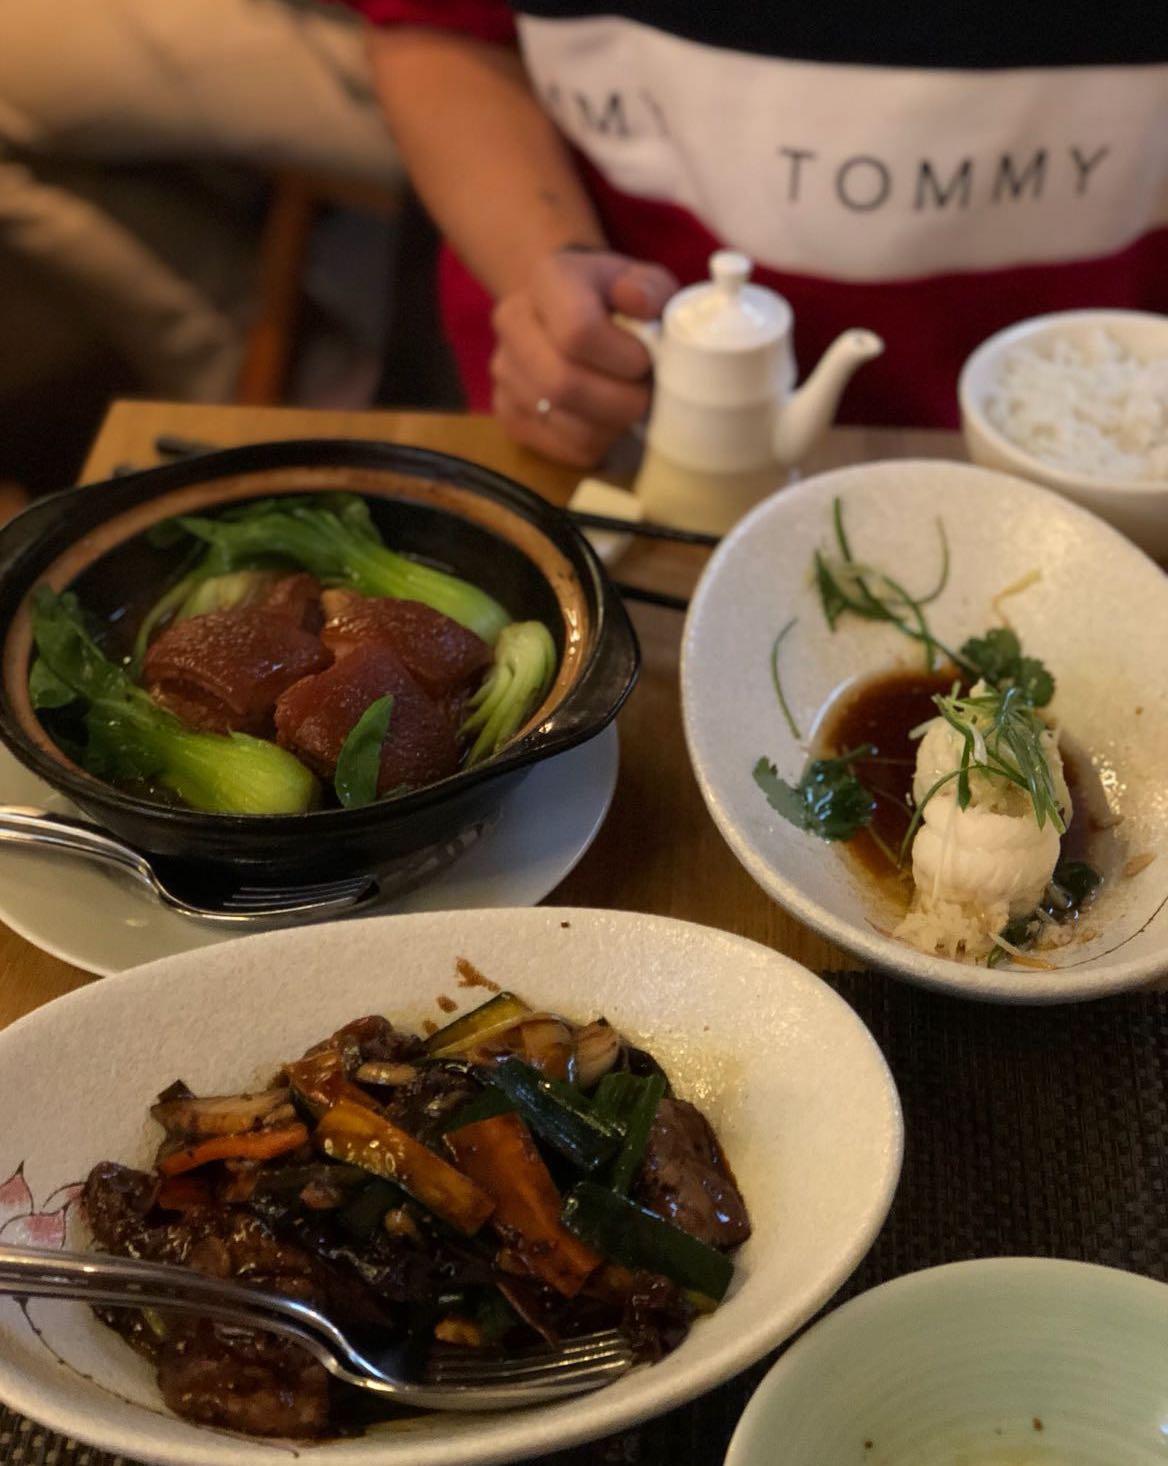 Paradiesische Zustände: Rinds-Siedfleisch Eintopf, Seezungenfilet und Schweinebauch mit Pak Choi. Foto: Lunchgate/Manu